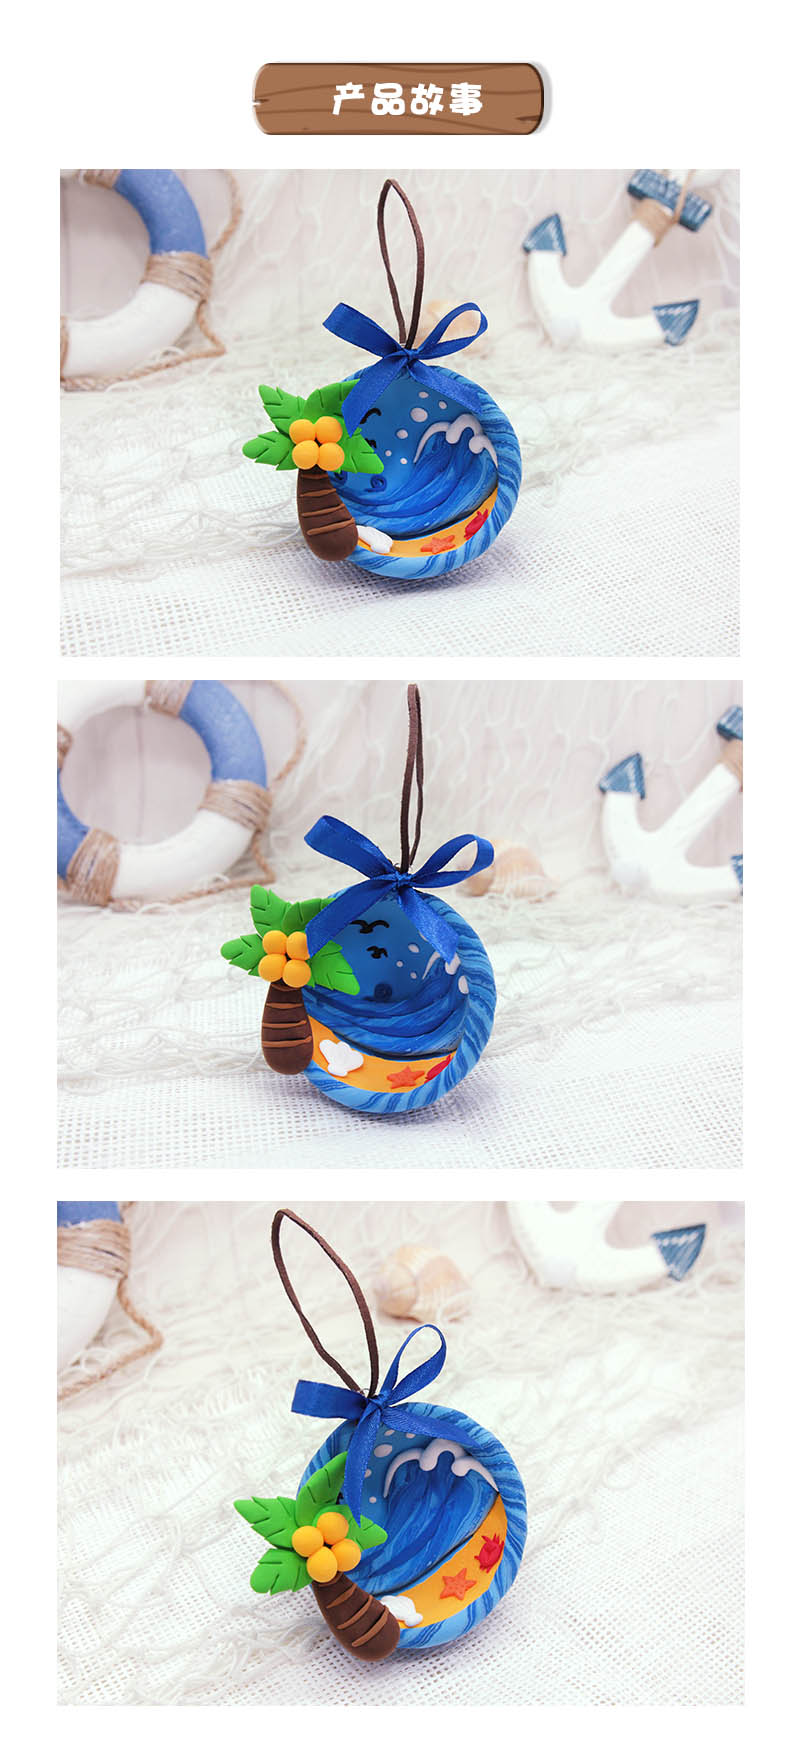 超轻粘土 海洋挂件挂饰儿童手工diy制作彩泥材料包幼儿园橡皮泥